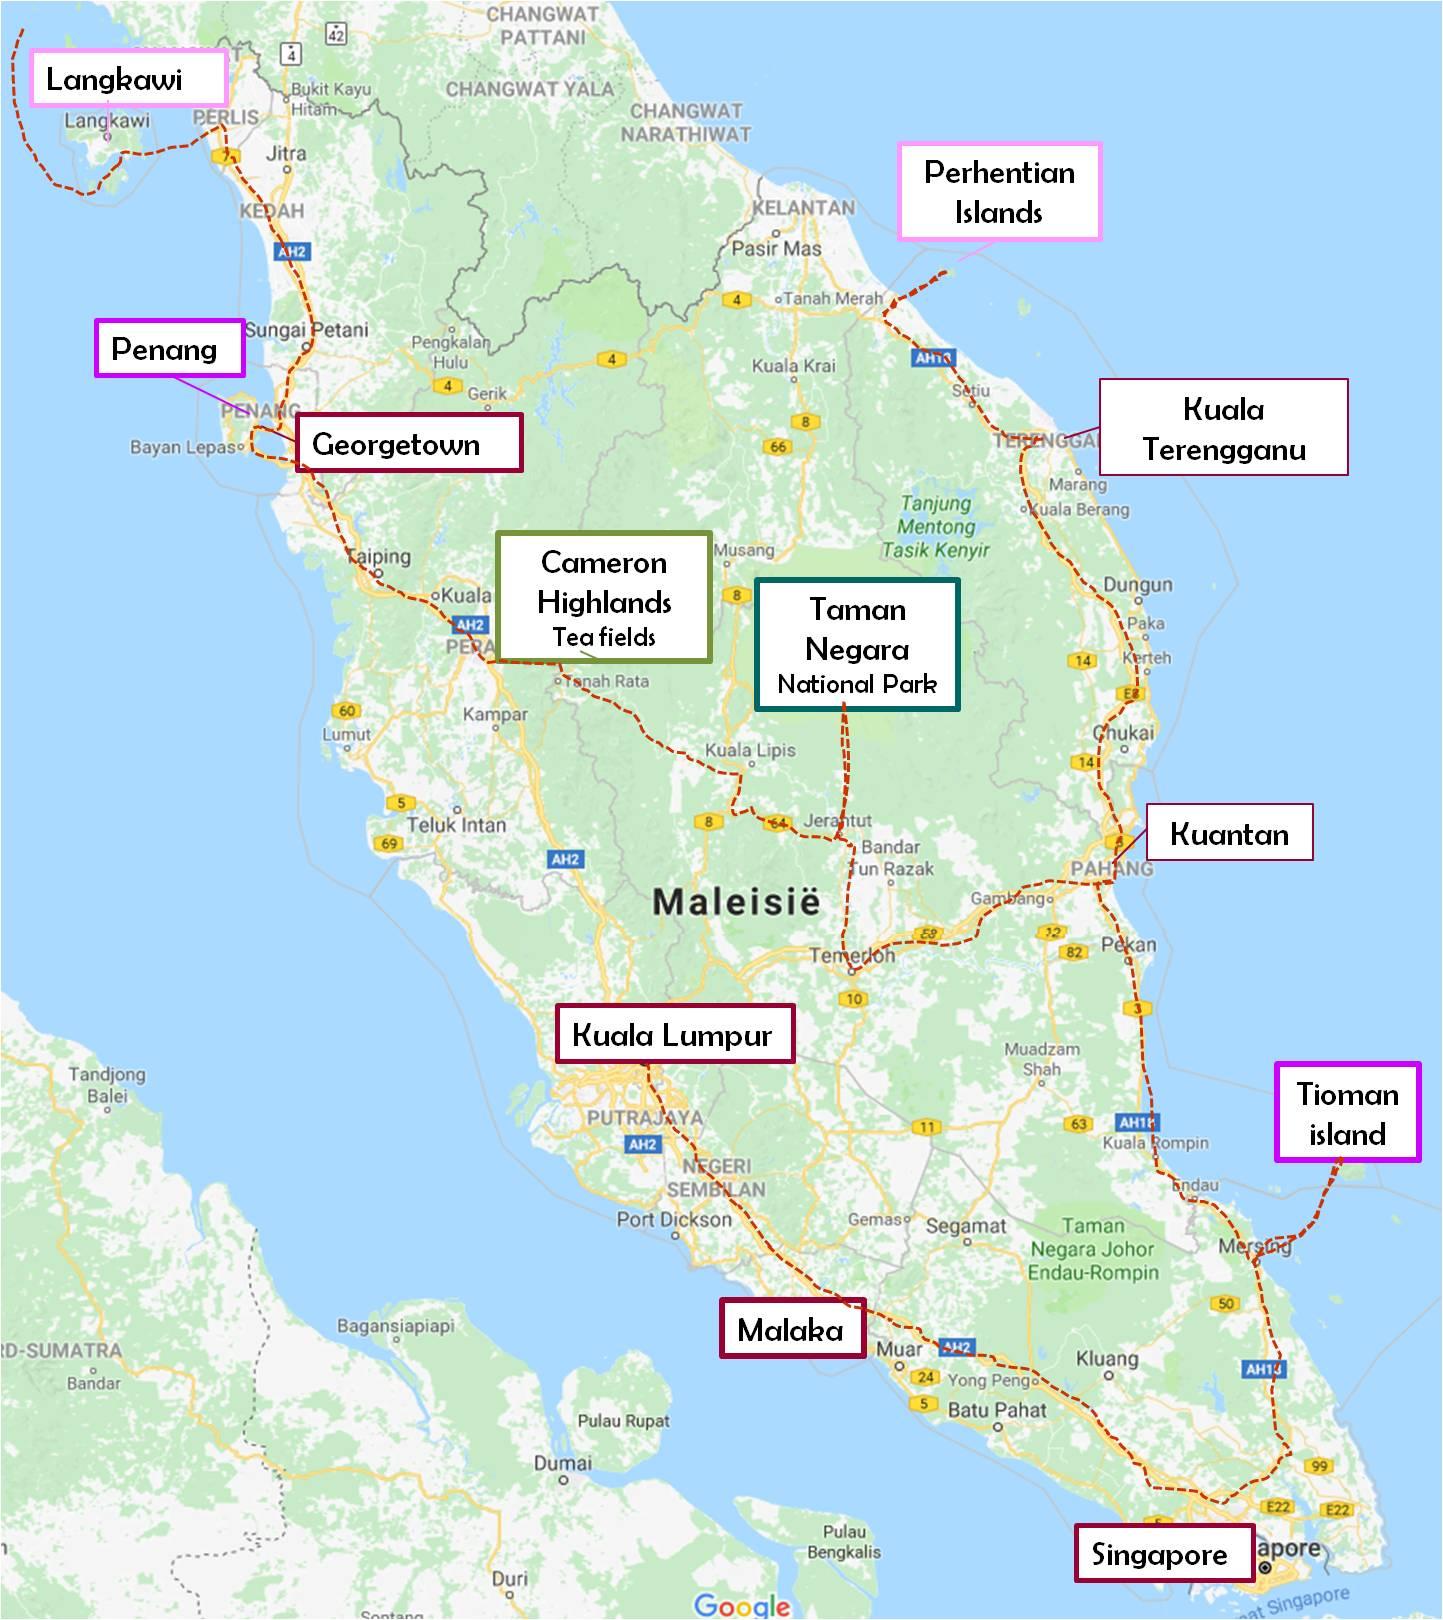 Peninsular Malaysia: Malaysia